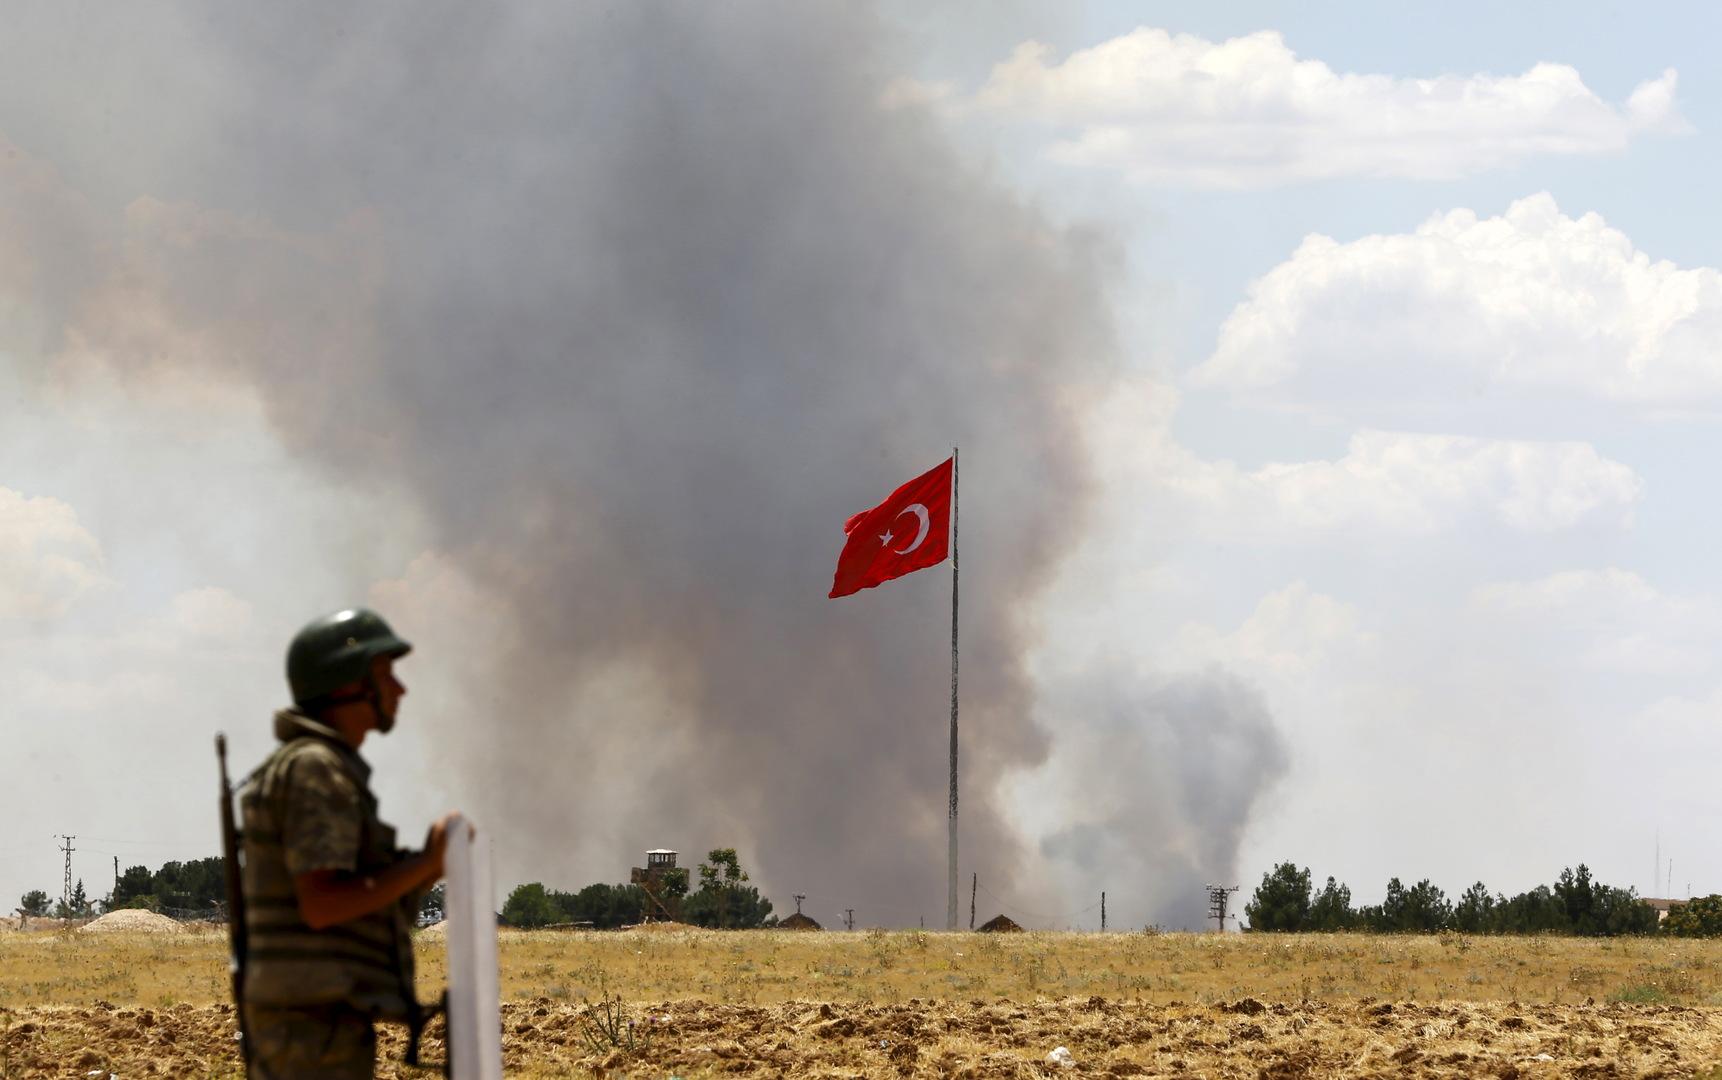 وسط قصف متواصل.. تركيا تنشر فيديو استهدافها لما وصفته بـ